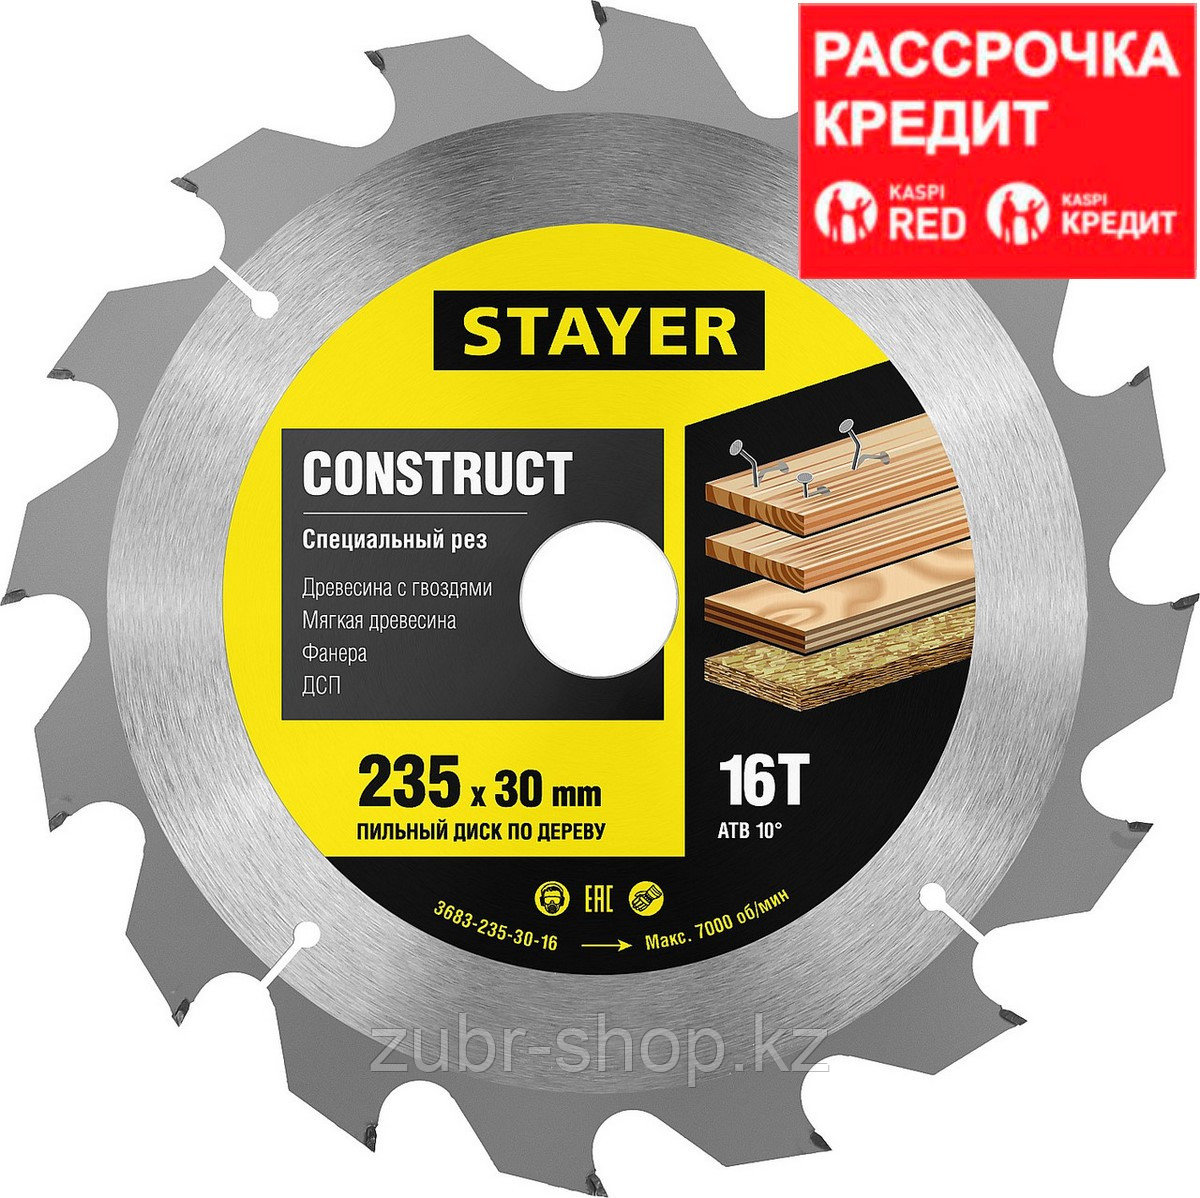 STAYER Construct 235 x 30мм 16Т, диск пильный по дереву, технический рез с гвоздями (3683-235-30-16)